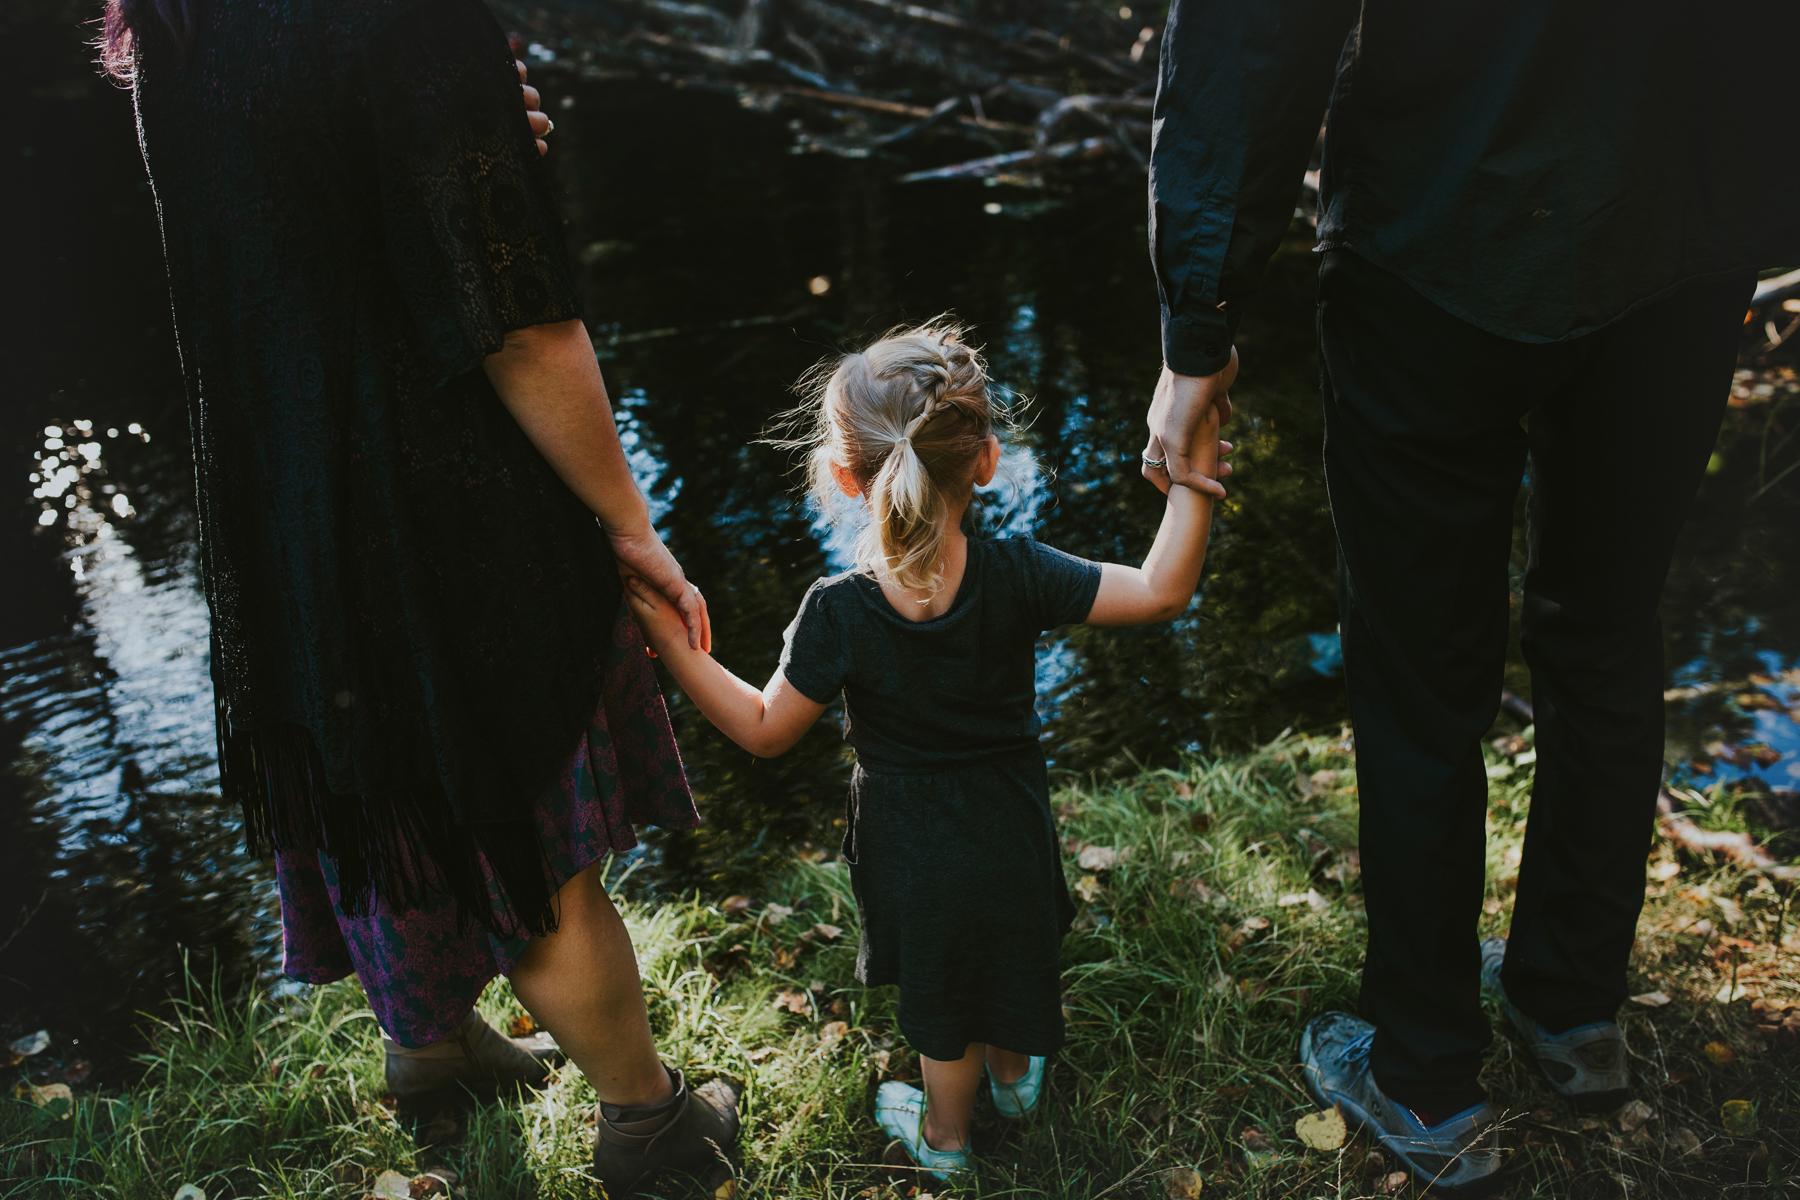 12eagleriveralasksafamilyphotographer.jpg